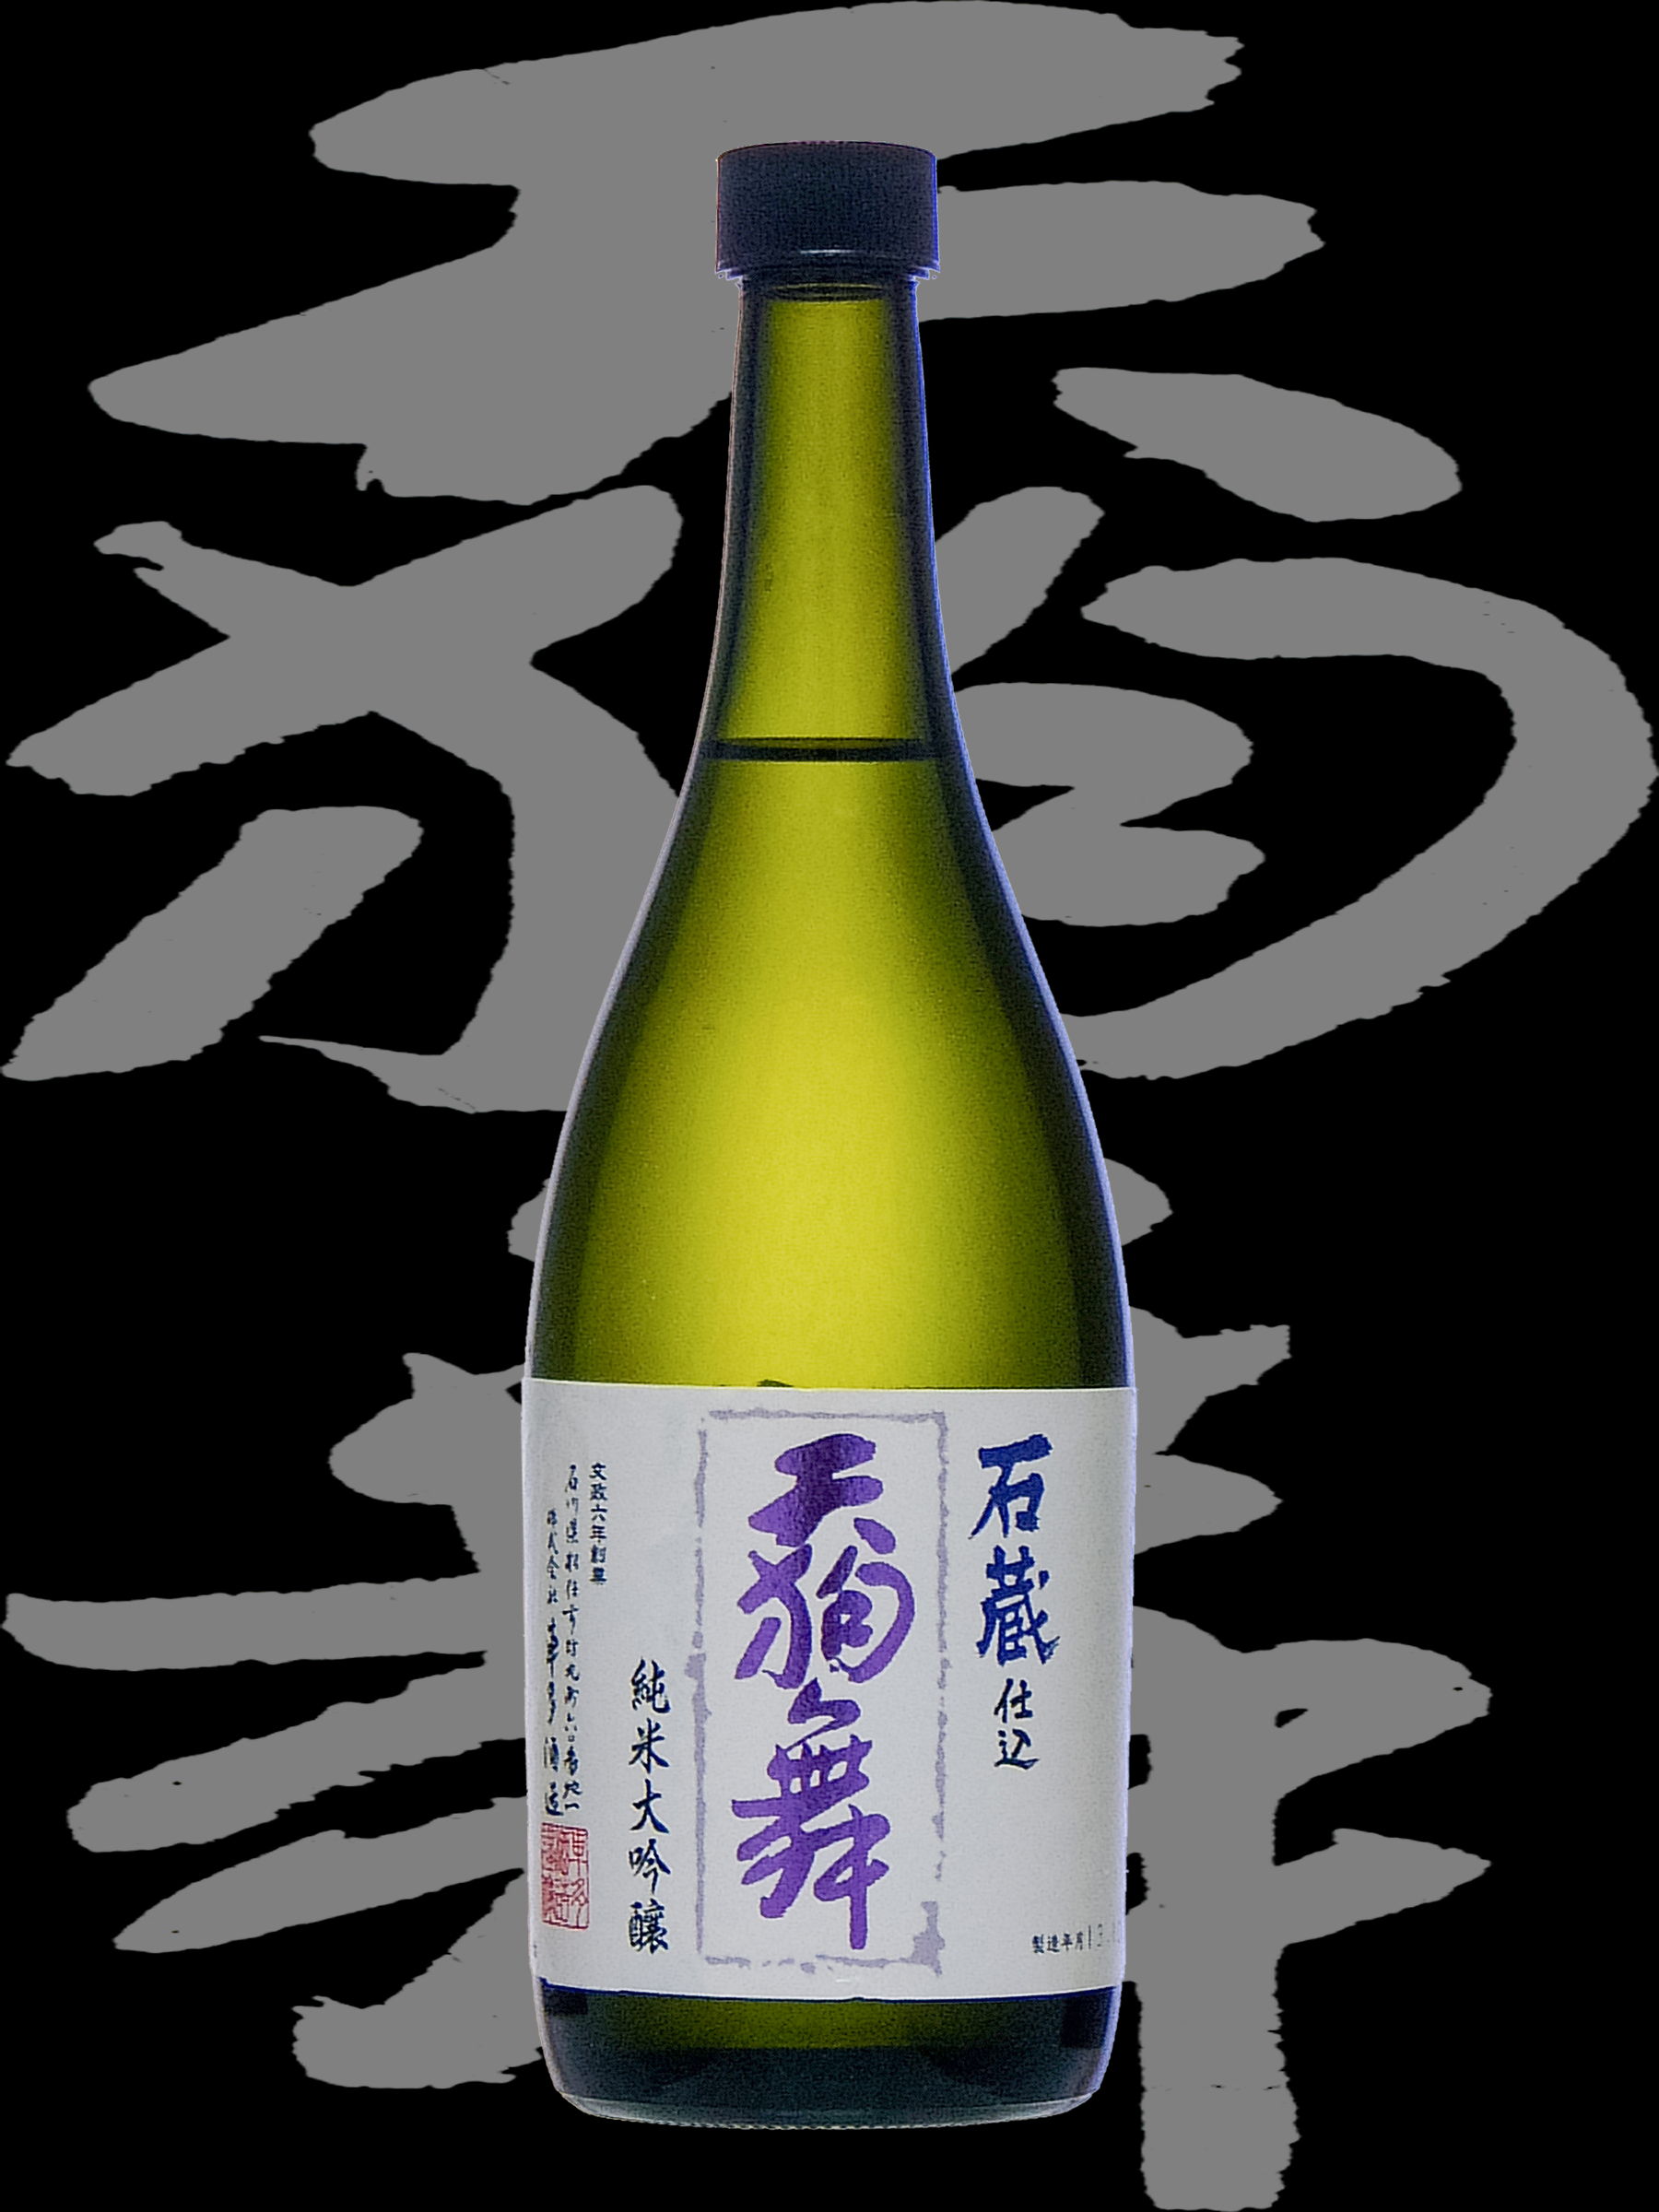 天狗舞(てんぐまい)「純米大吟醸」石蔵仕込み